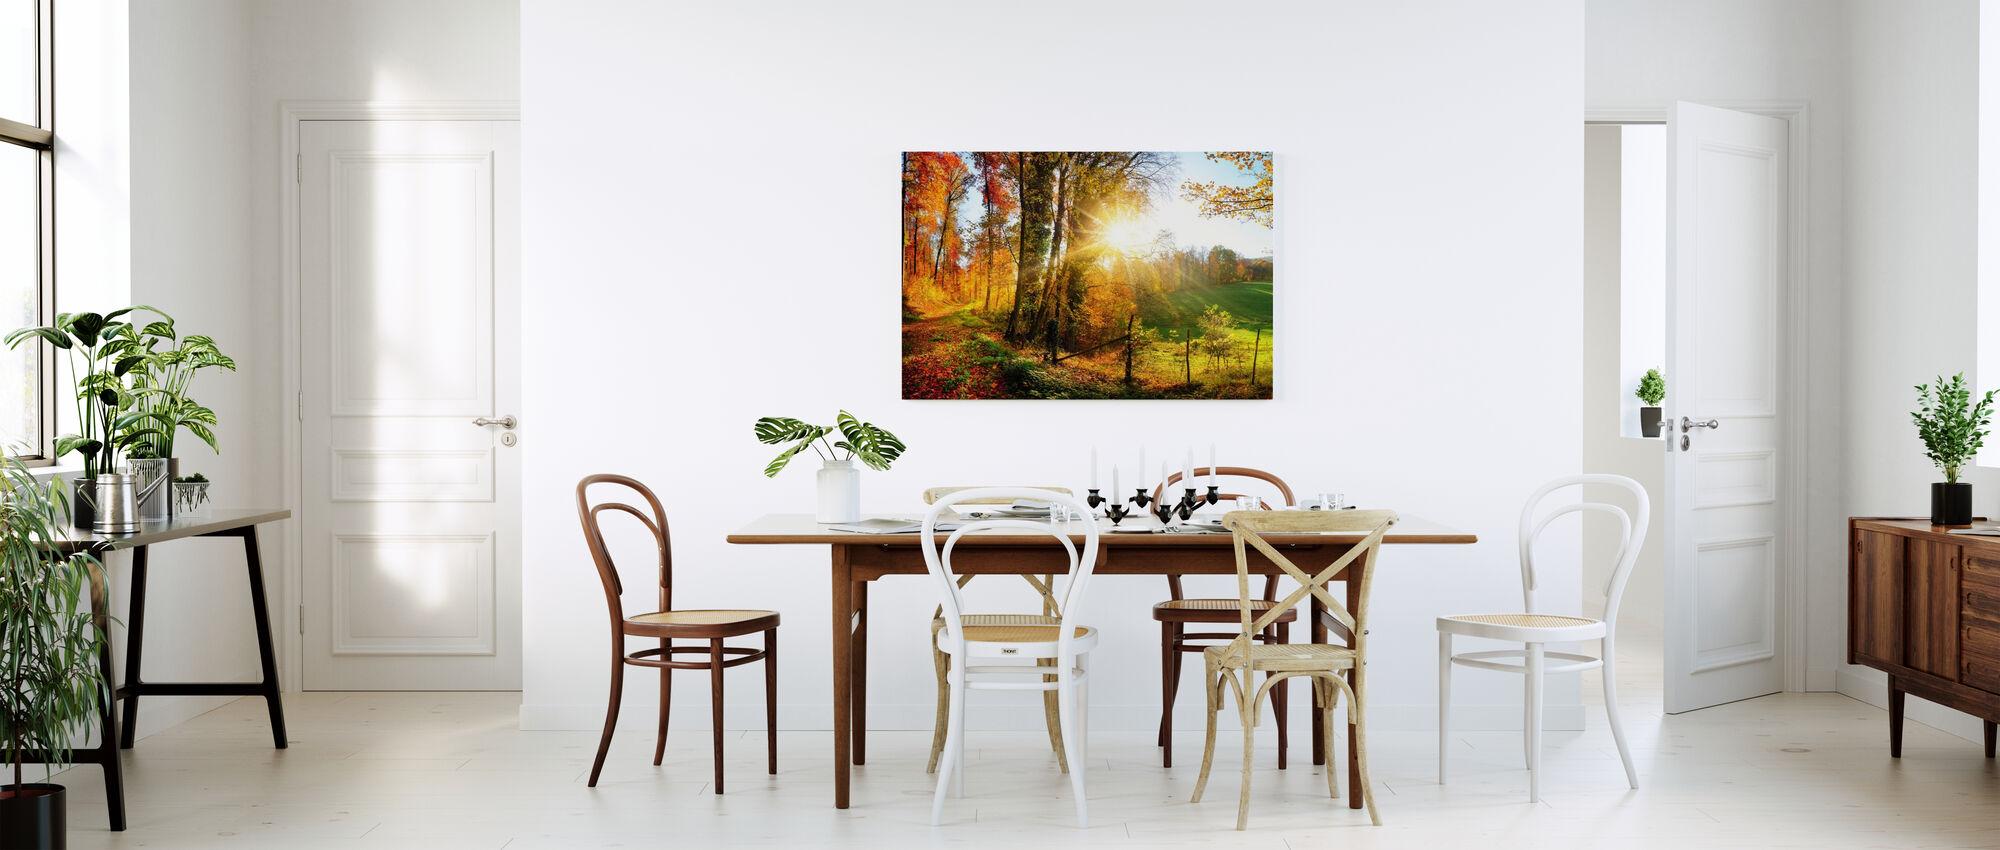 Underbart landskap - Canvastavla - Kök